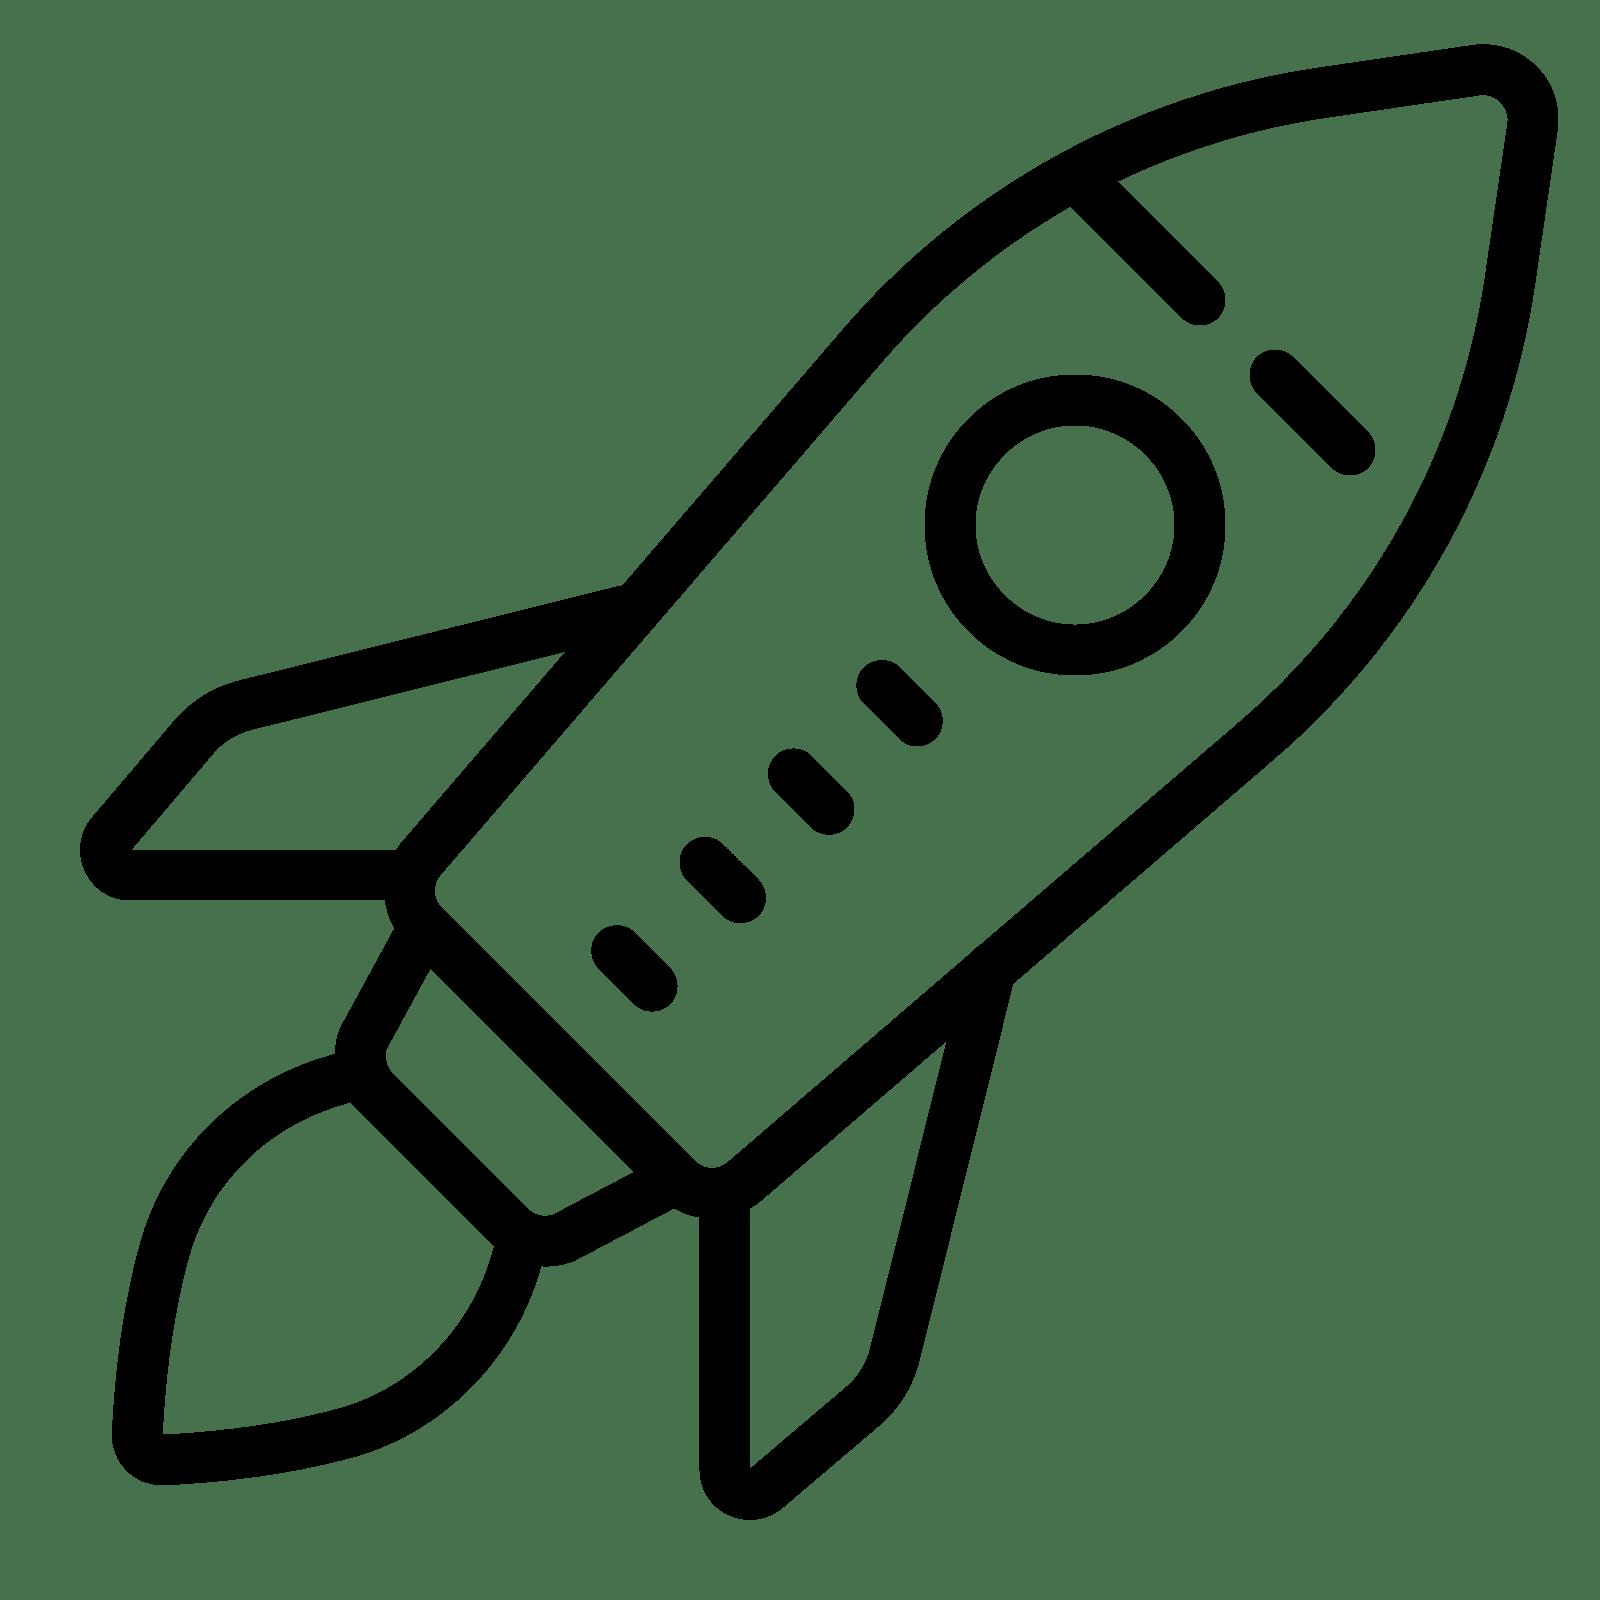 Rocket Svg Download Rocket Svg For Free